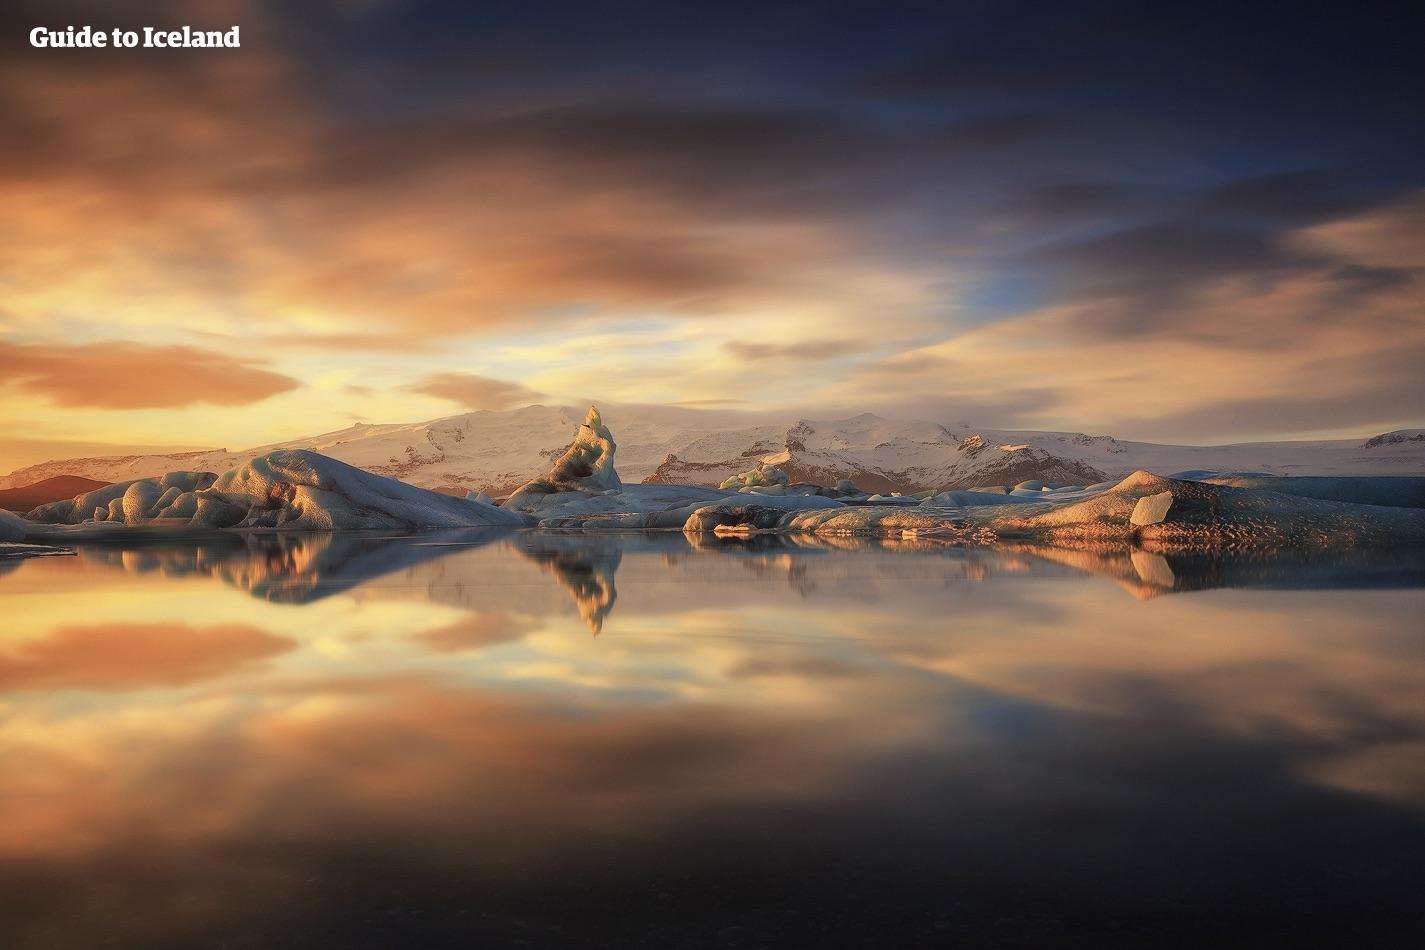 Wegen ihrer unvergleichlichen Schönheit ist die Gletscherlagune Jökulsarlon eines der beliebtesten Reiseziele Islands.